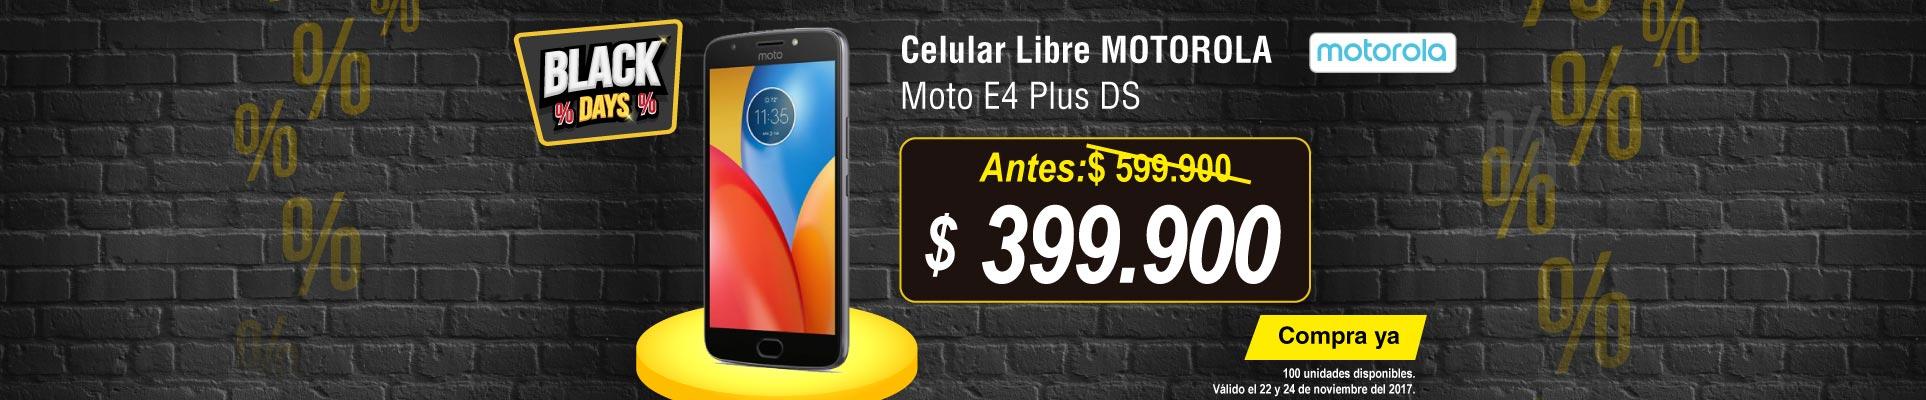 PPAL ALKP-3-celulares-Celular Libre MOTOROLA Moto E4 Plus DS-prod-noviembre23-24-blackfriday